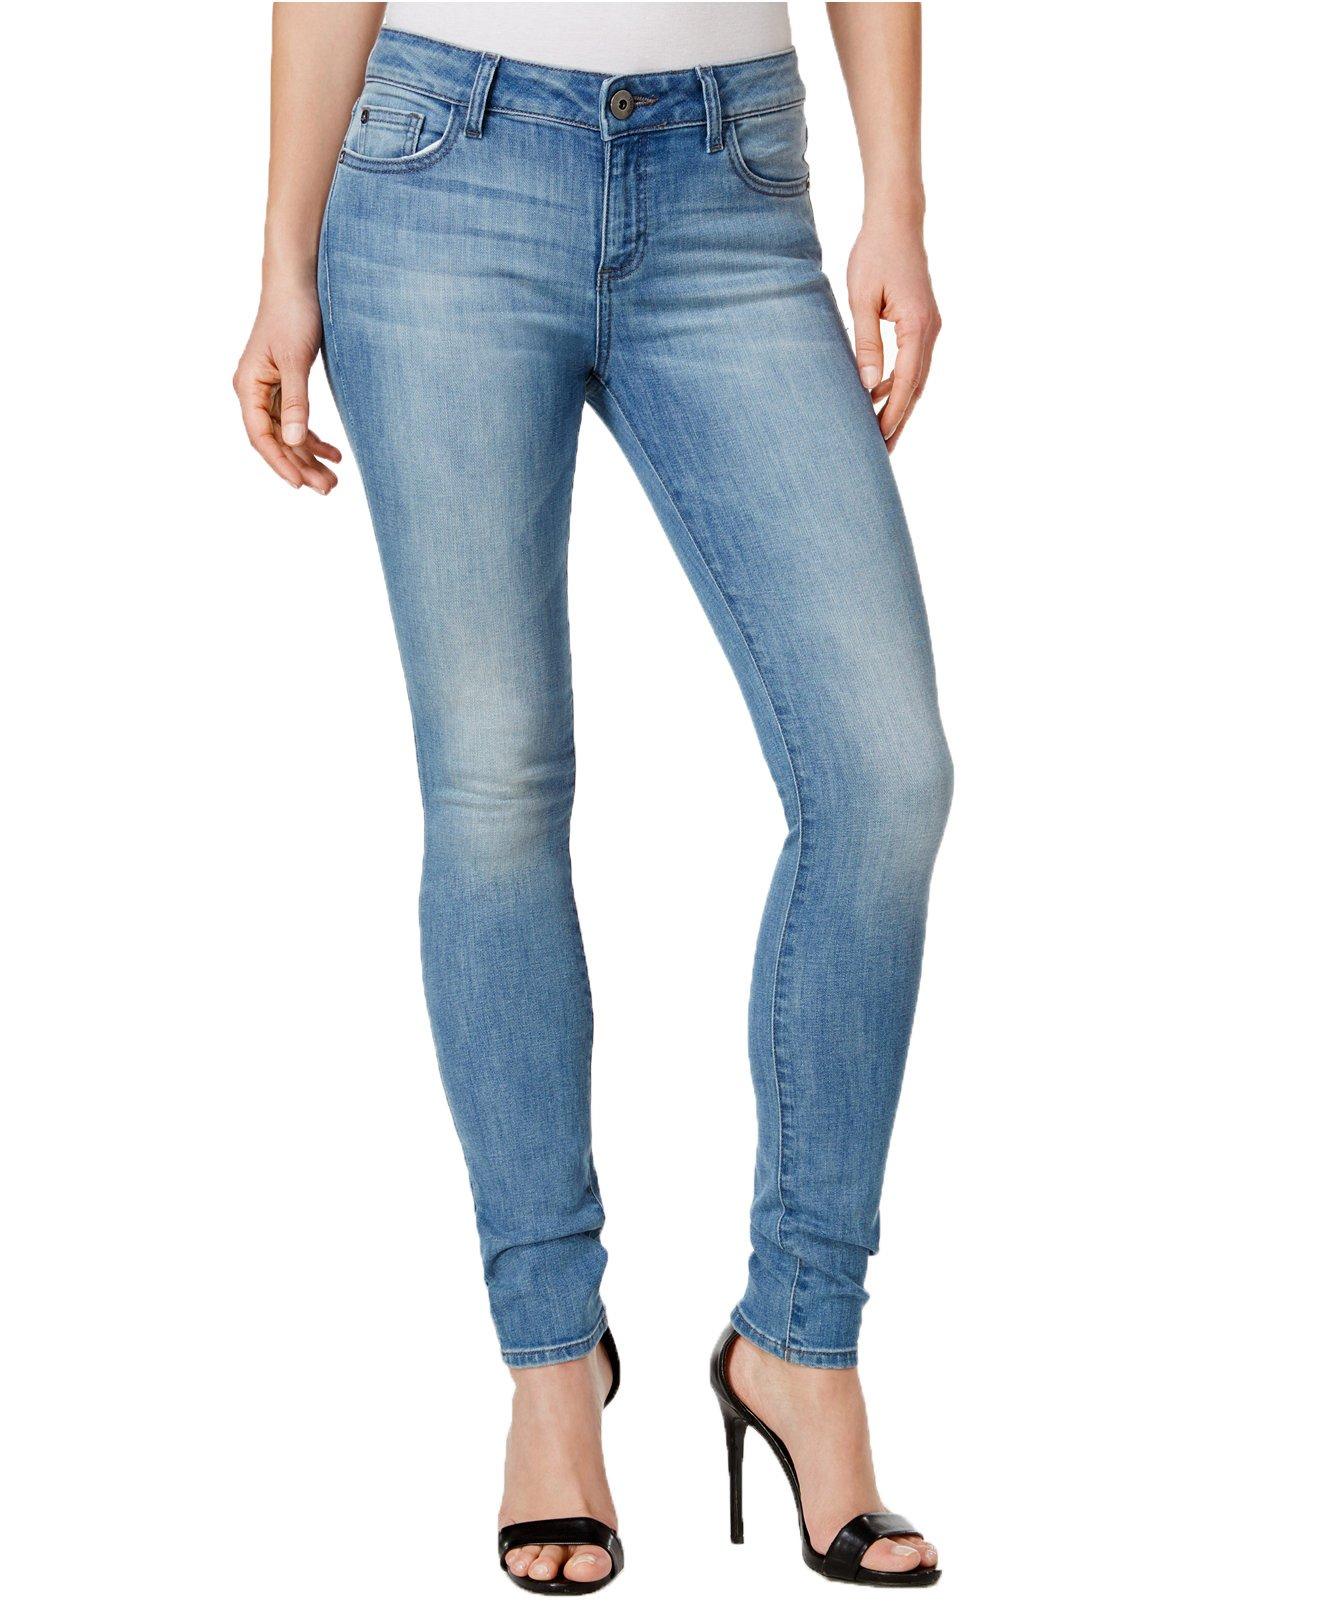 DL1961 Women's 'Florence' Instasculpt Skinny Jeans (32, Salinger)